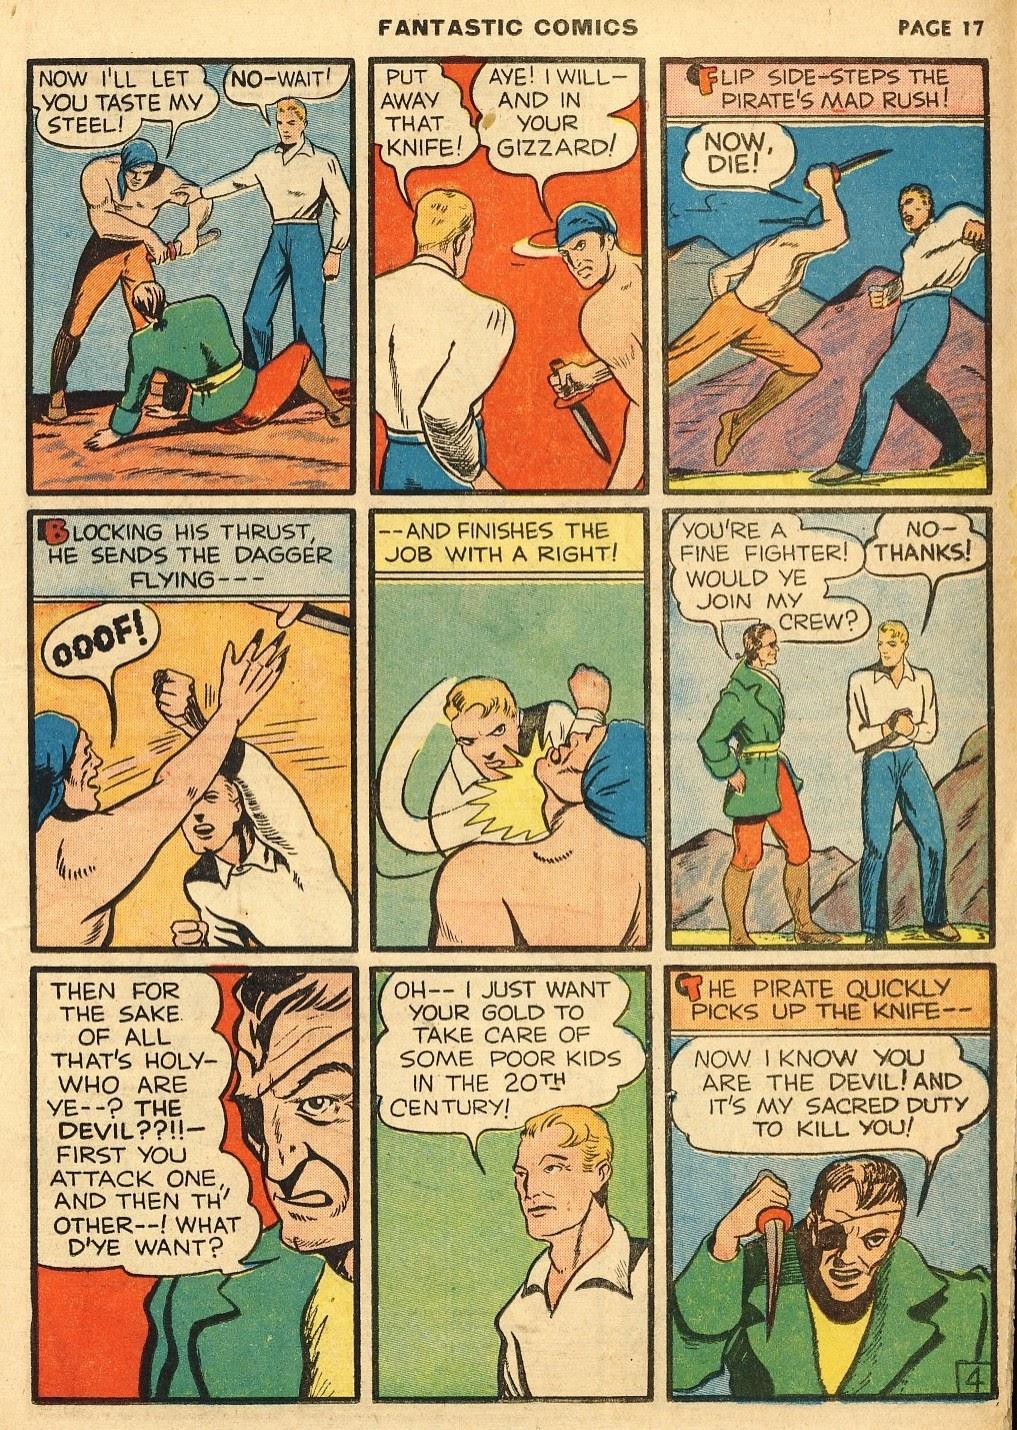 Read online Fantastic Comics comic -  Issue #10 - 18